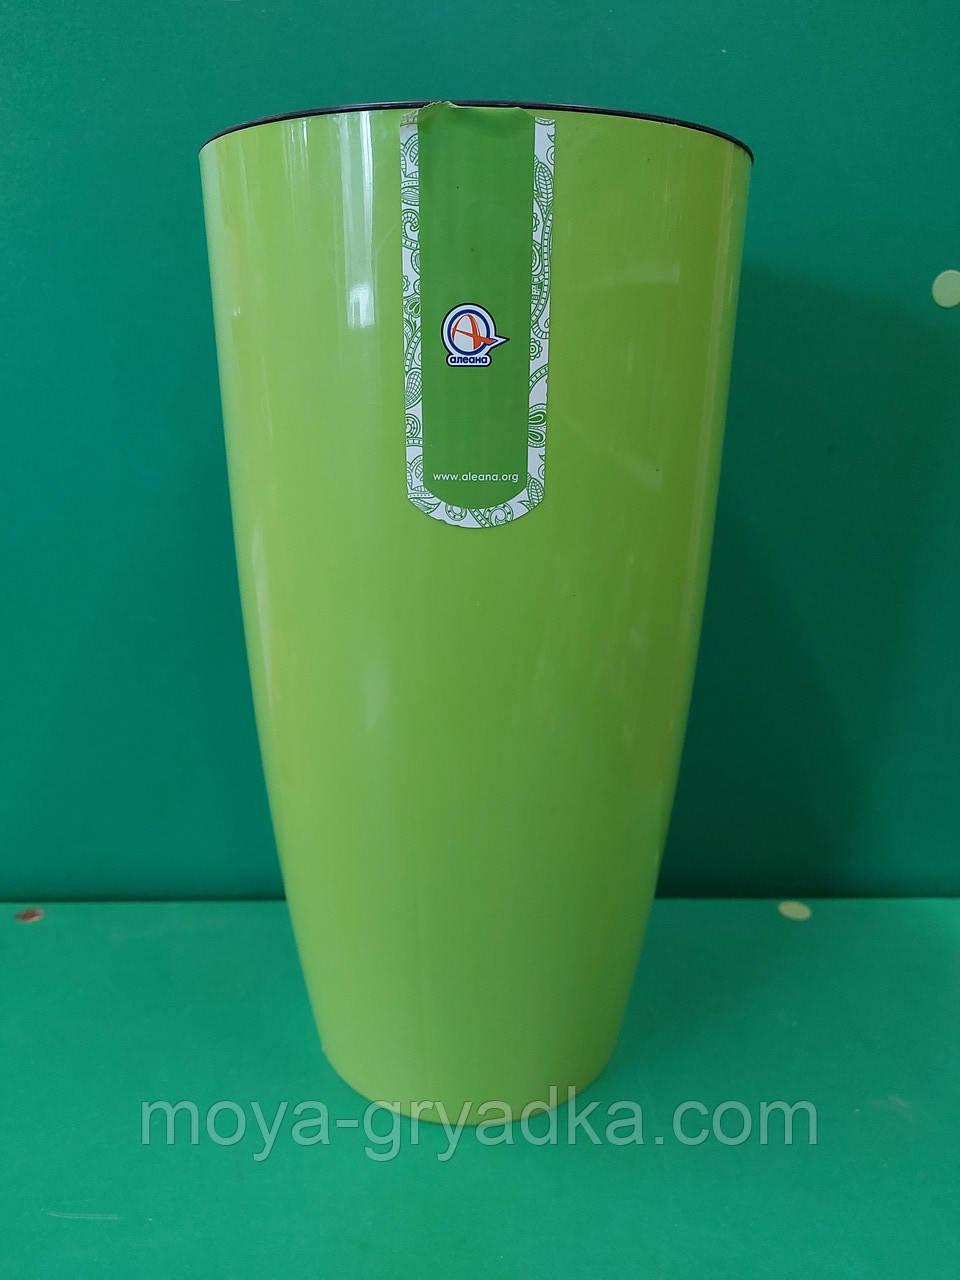 Горщик для квітів та вазонів Альфа розмір 16*30  колір Оливковий